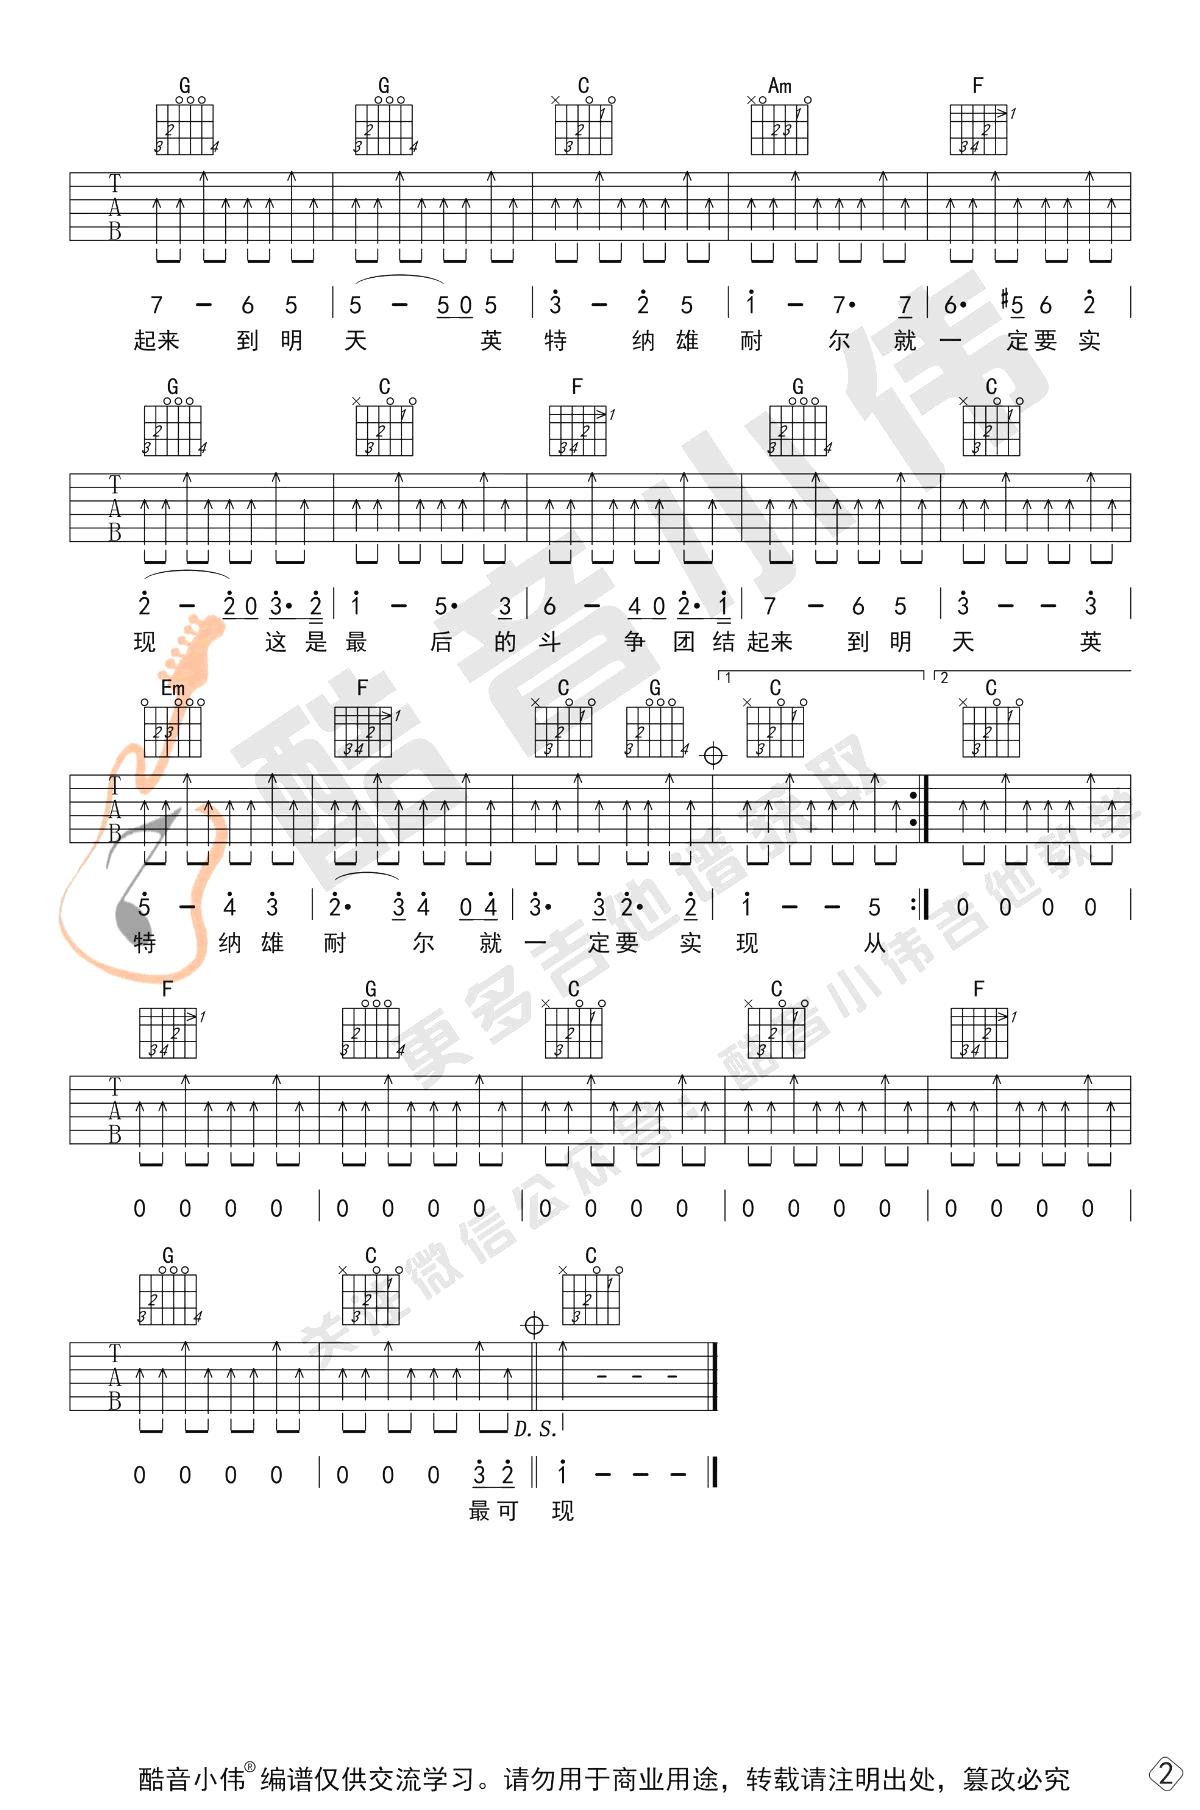 国际歌吉他谱-C调简单版-2